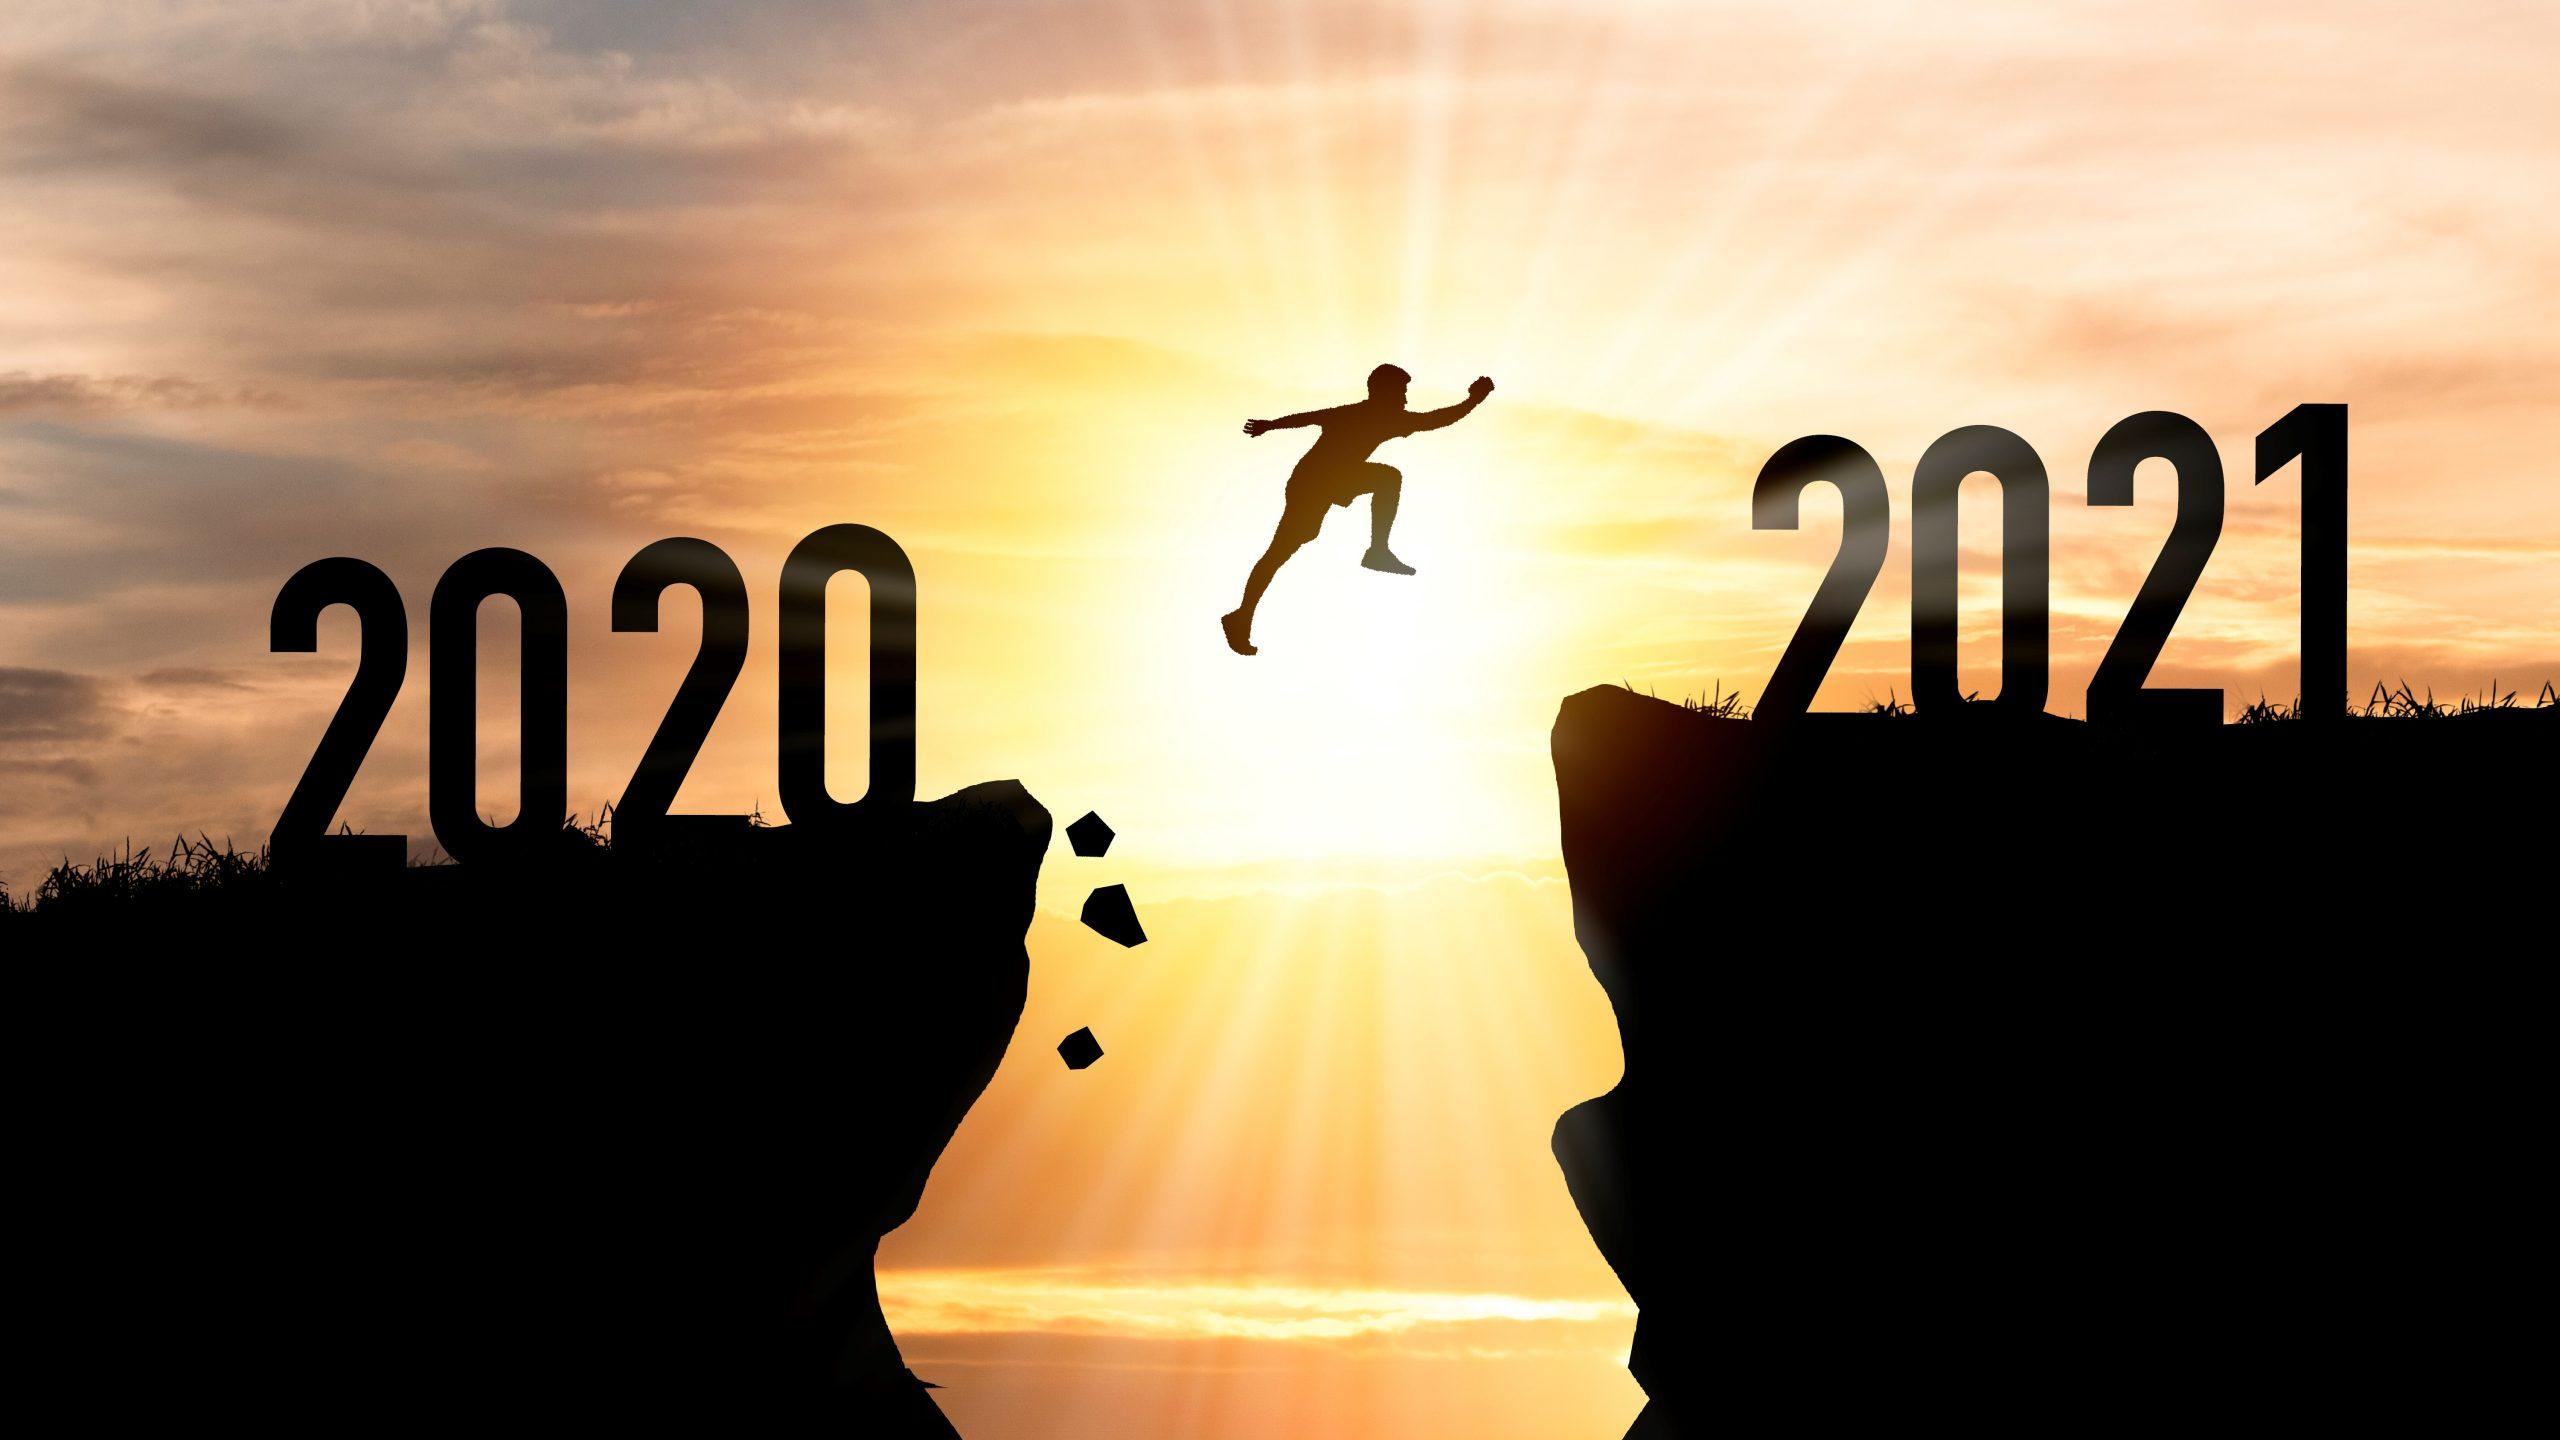 Những gì bạn học được từ năm 2020 sẽ có tác động lớn nhất đến năm 2021